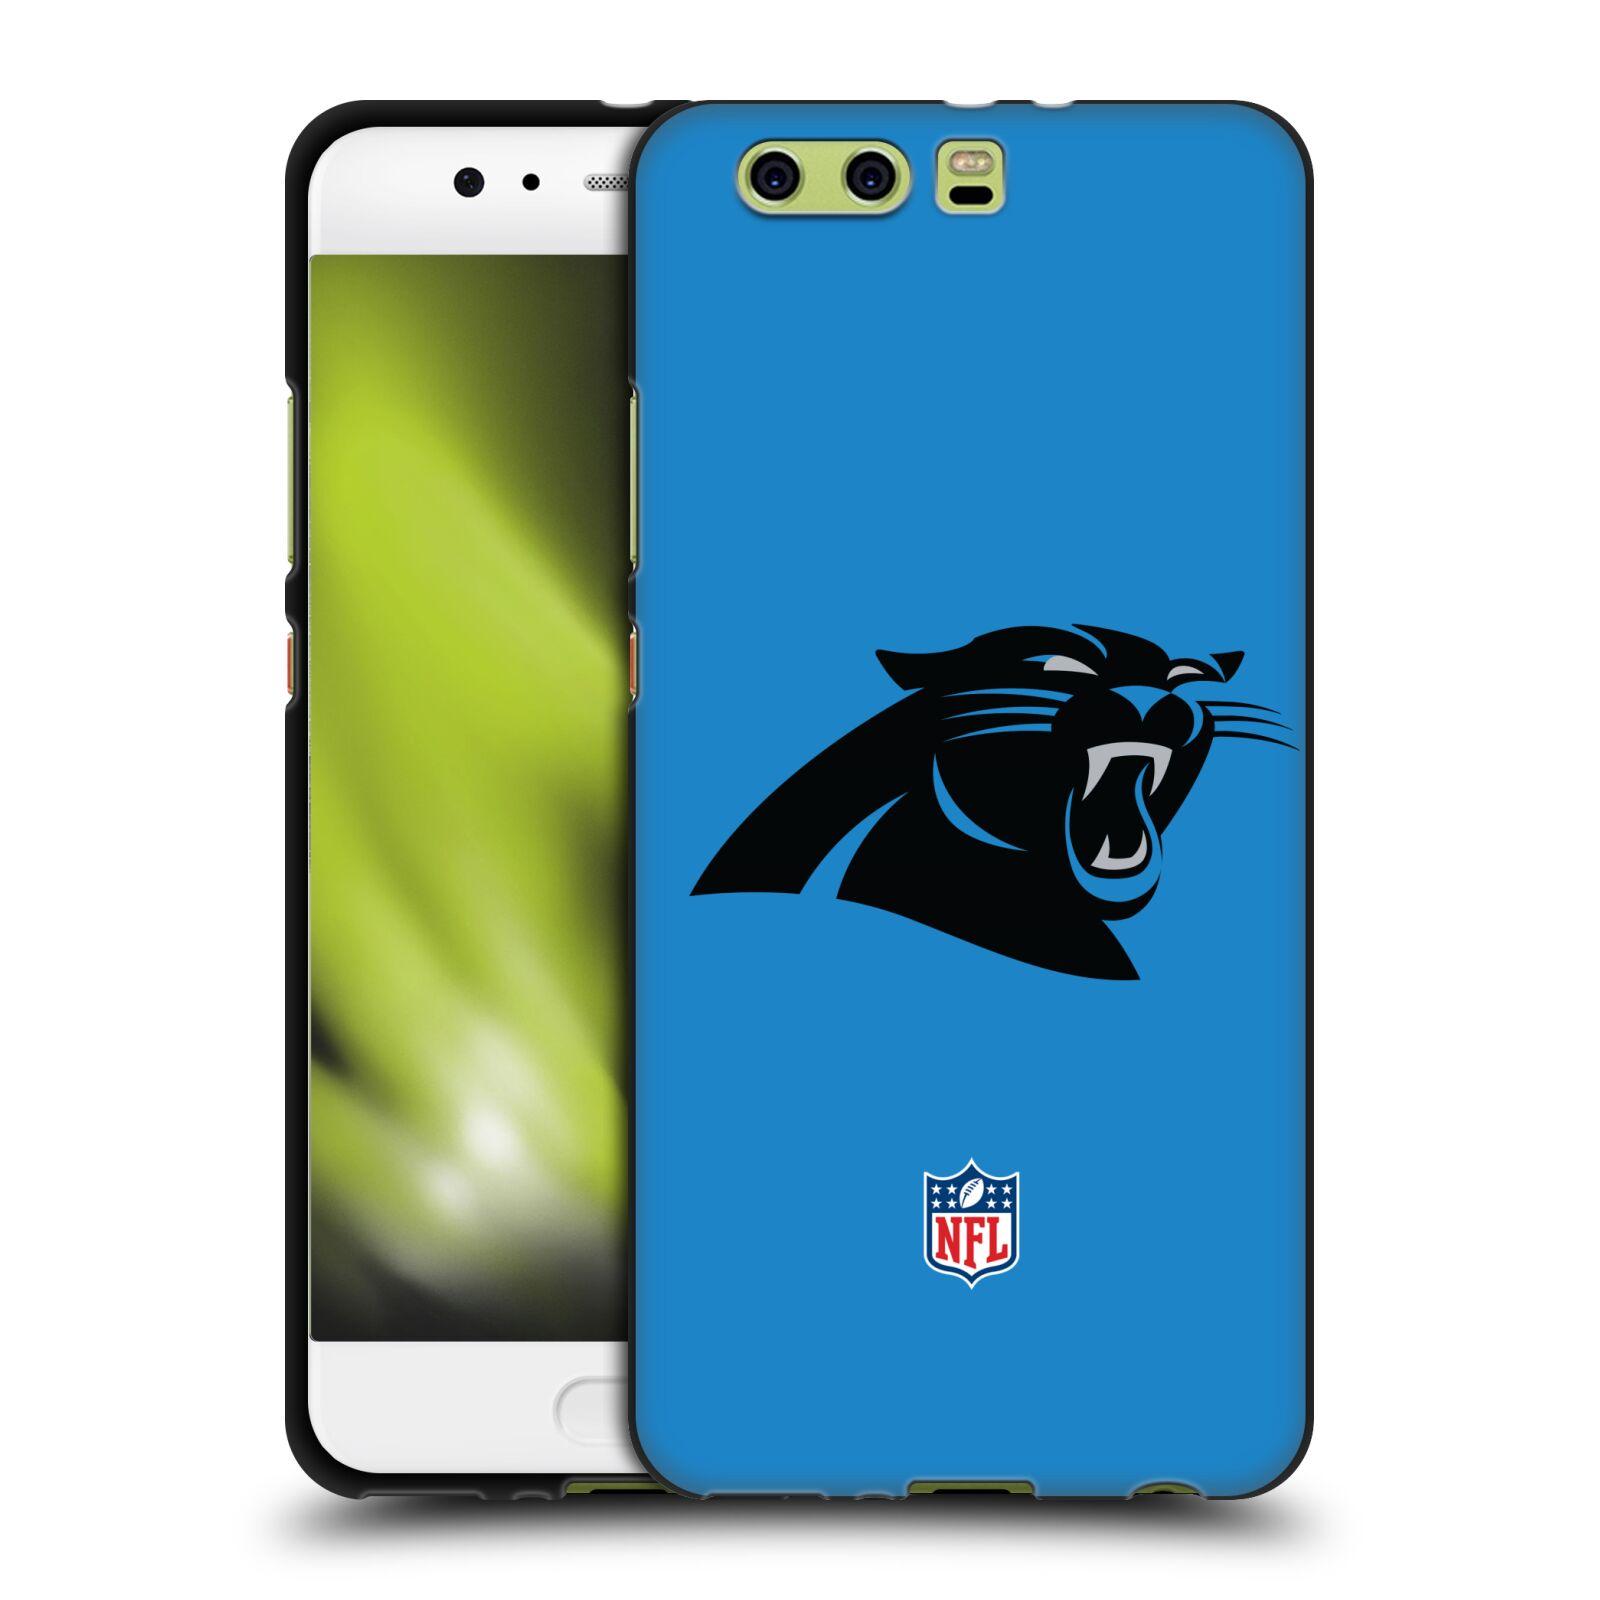 OFFICIAL-NFL-CAROLINA-PANTHERS-LOGO-BLACK-SOFT-GEL-CASE-FOR-HUAWEI-PHONES